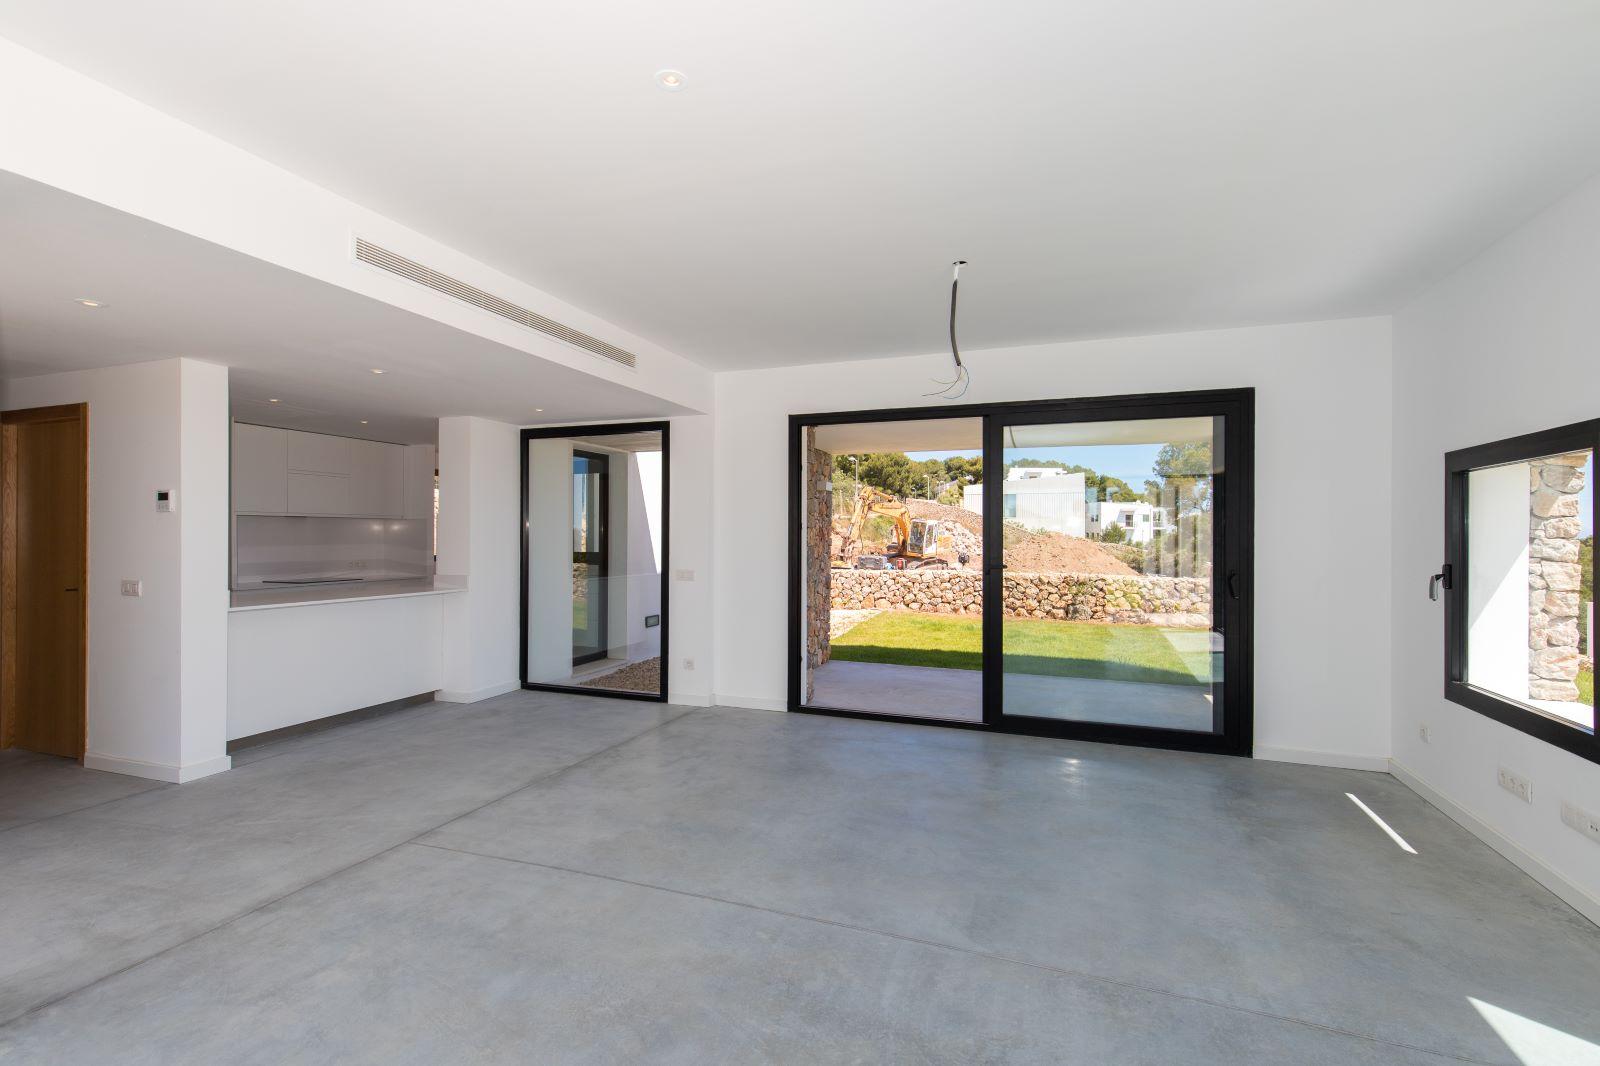 Villa in Coves Noves Ref: H2501 (3) 11